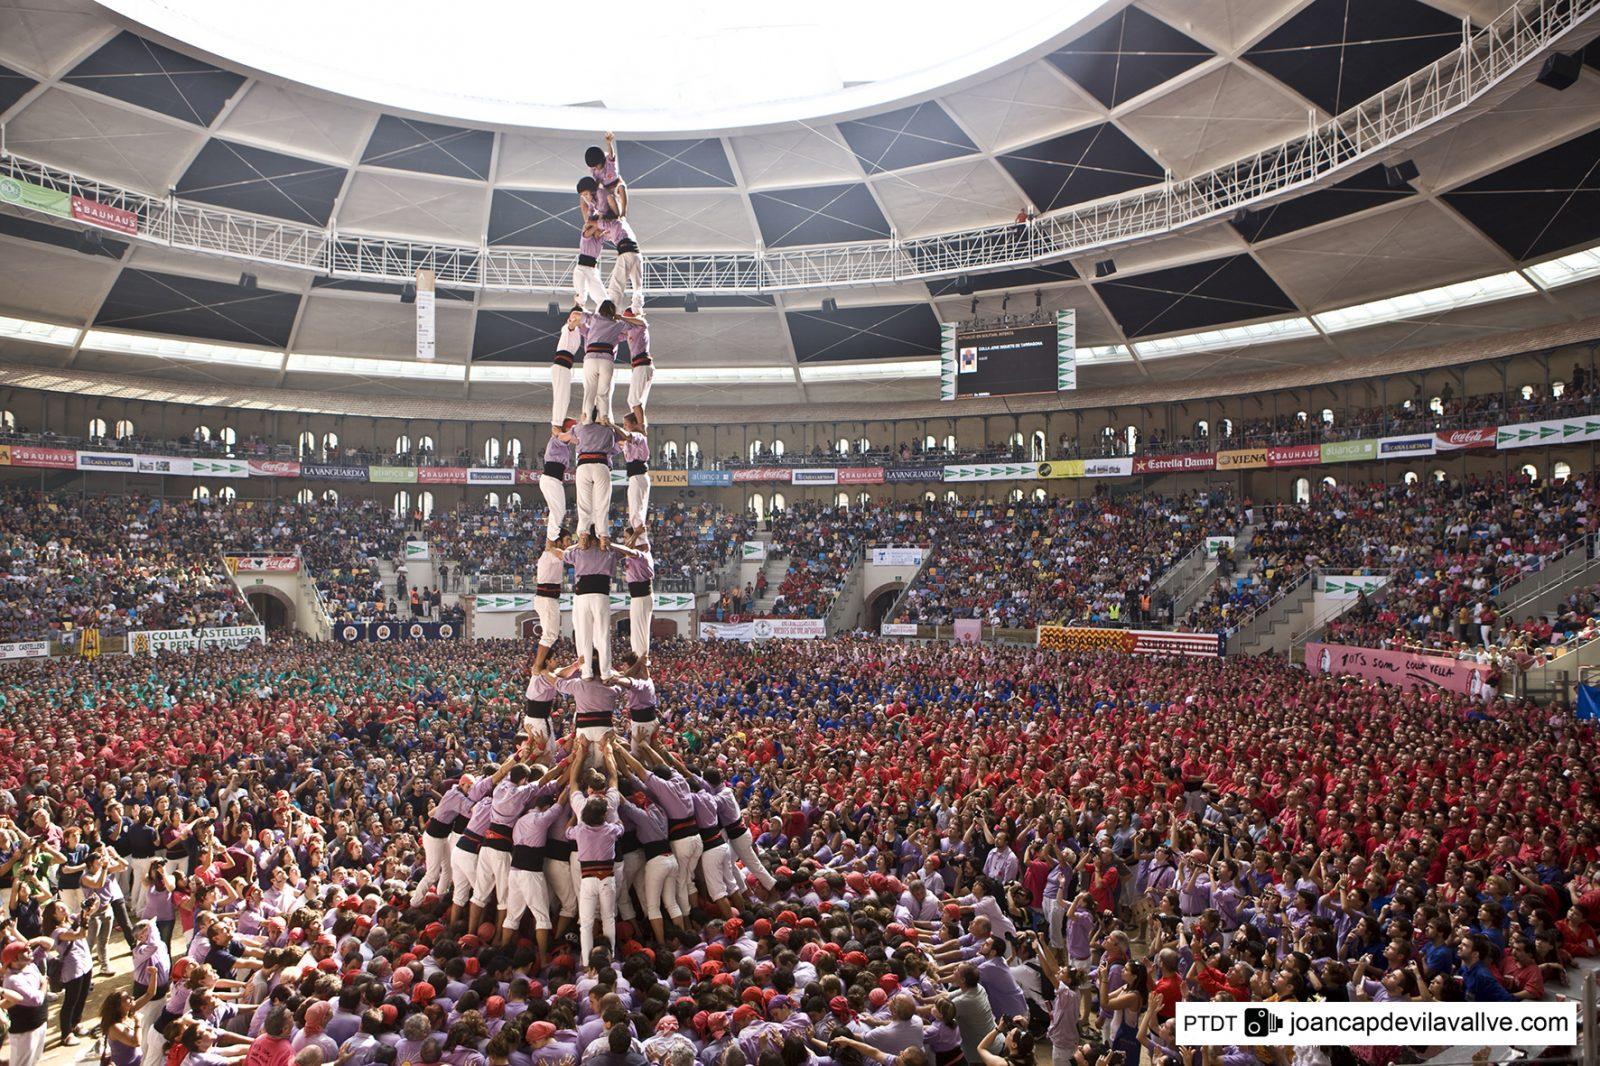 Castellers - de traditie van het bouwen van menselijke pyramides